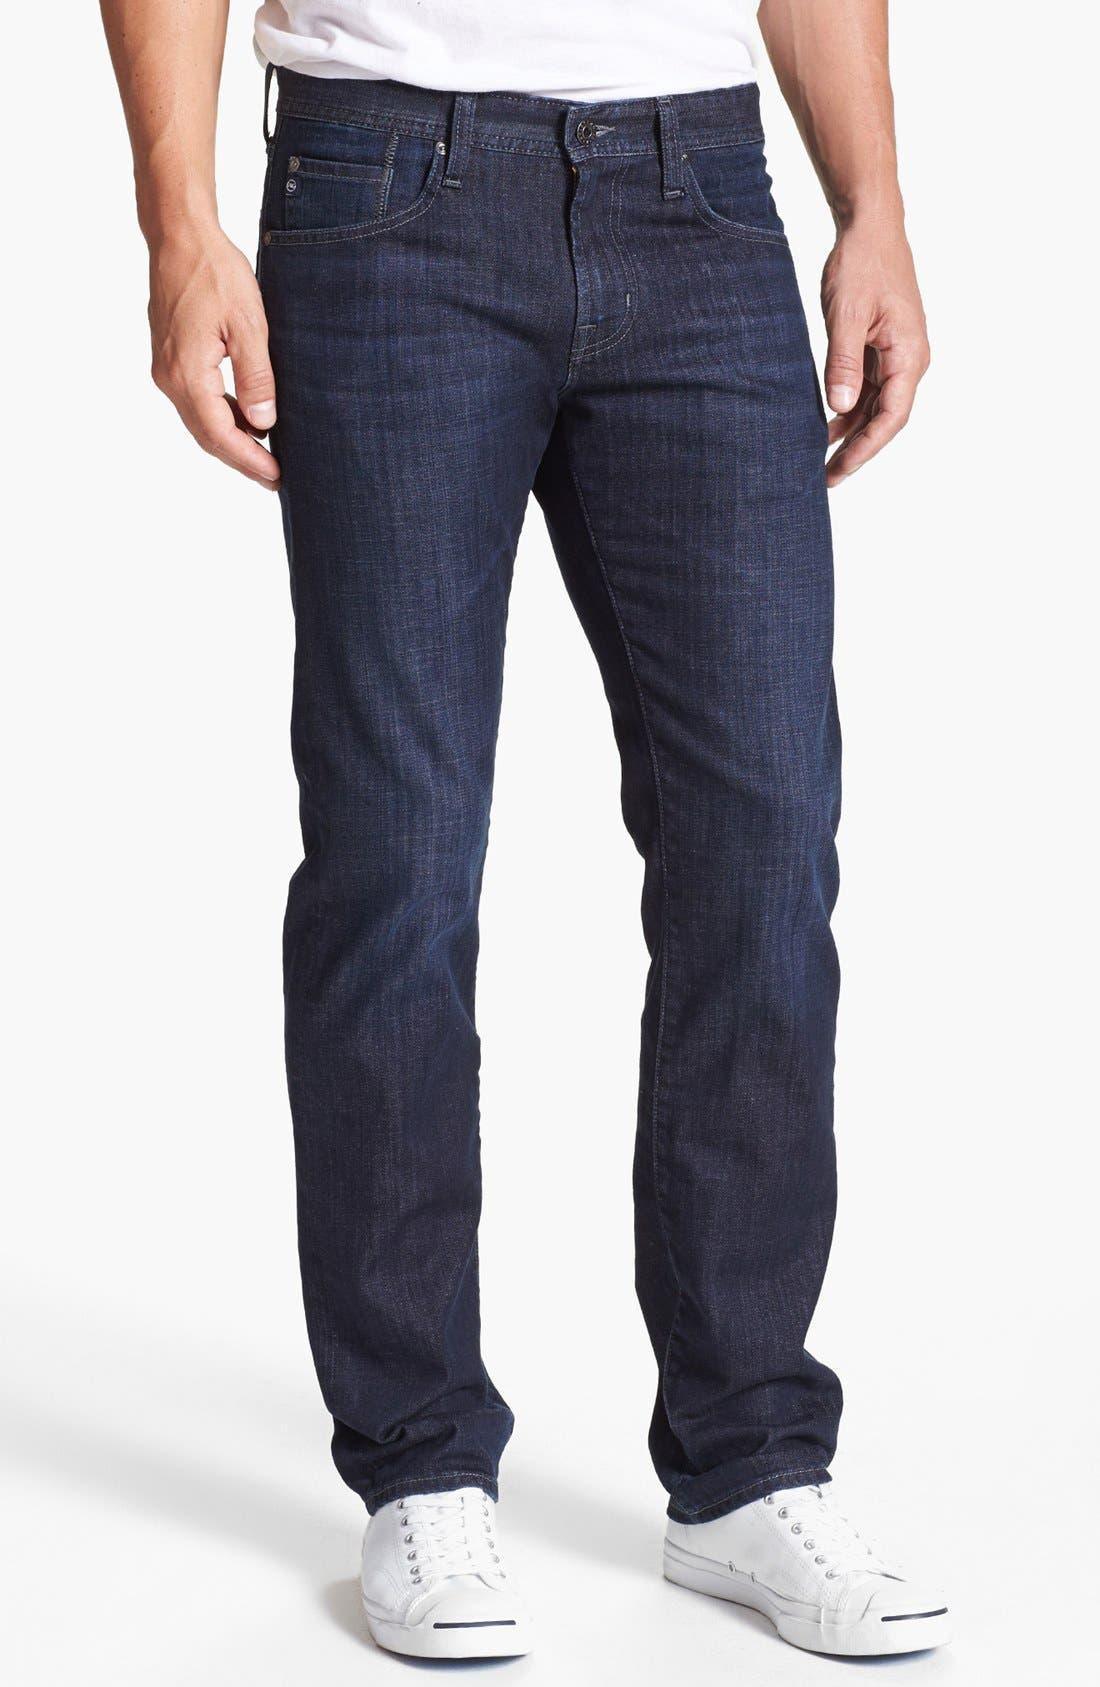 Alternate Image 1 Selected - AG 'Matchbox' Slim Fit Jeans (Bunker)